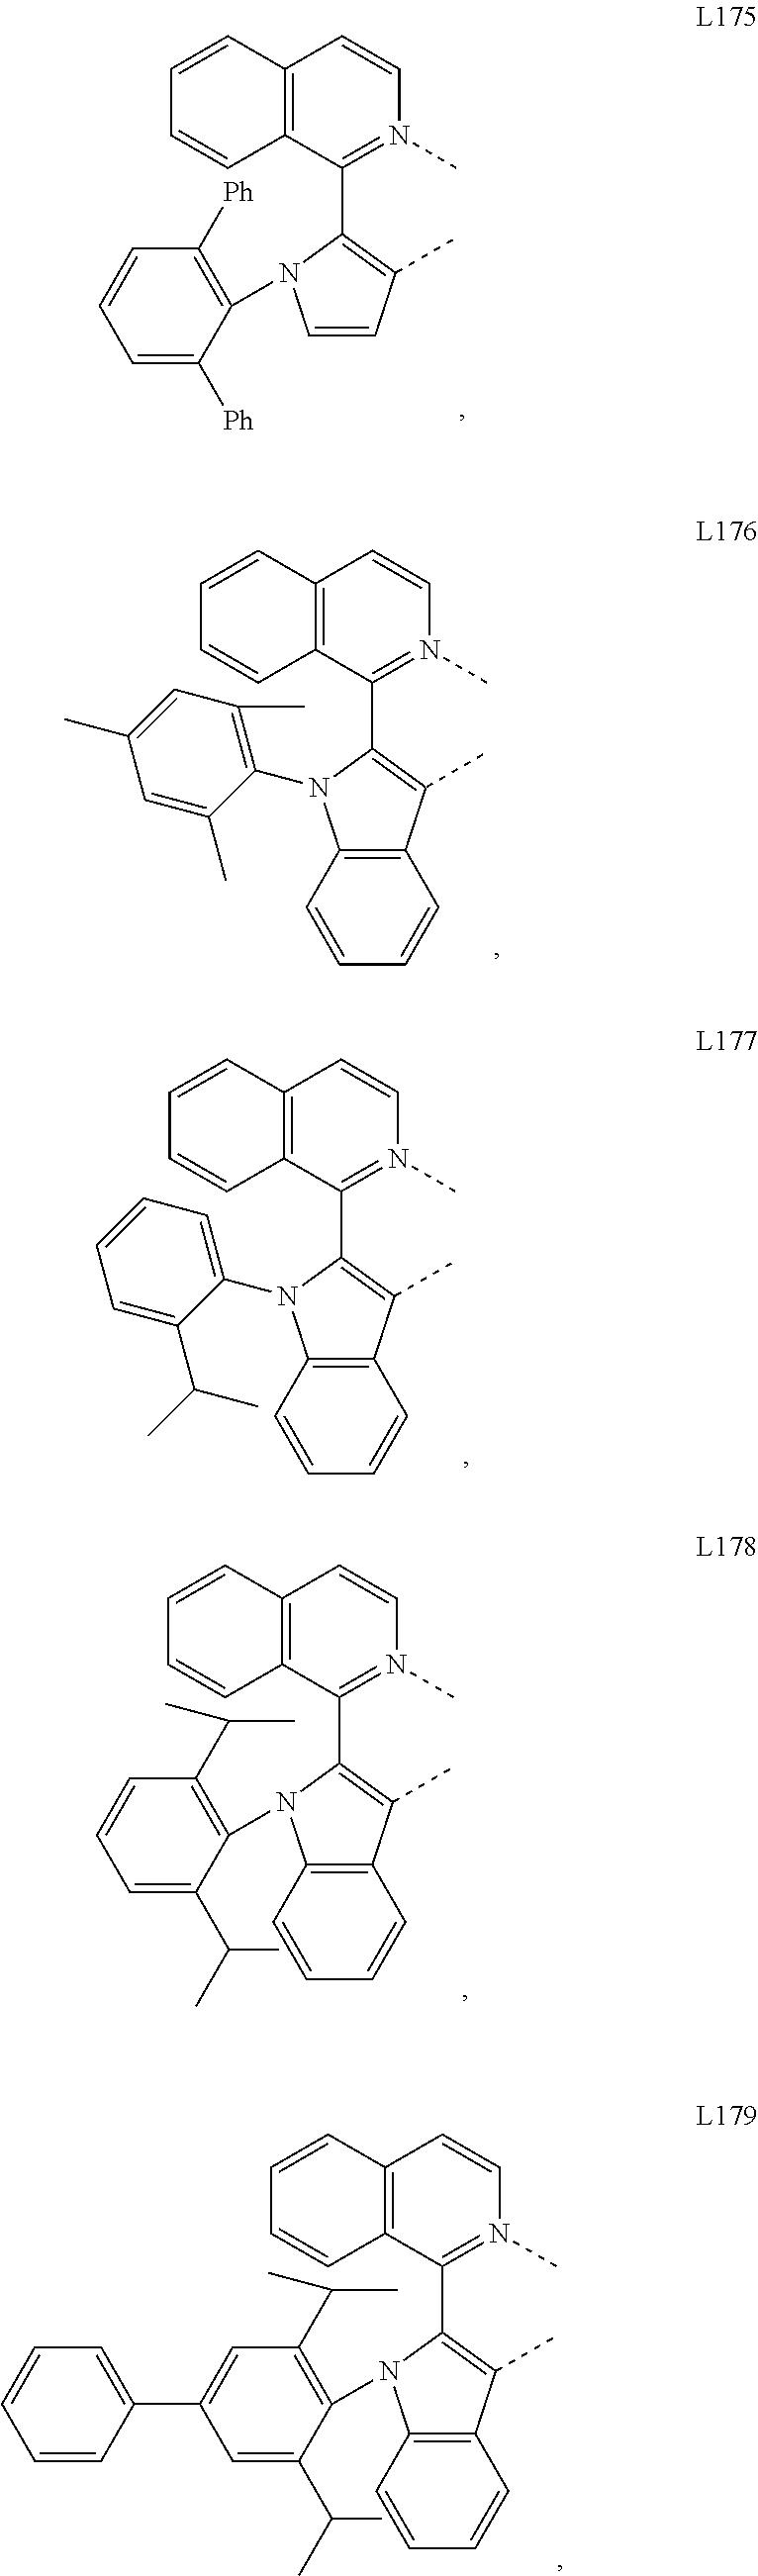 Figure US09935277-20180403-C00040